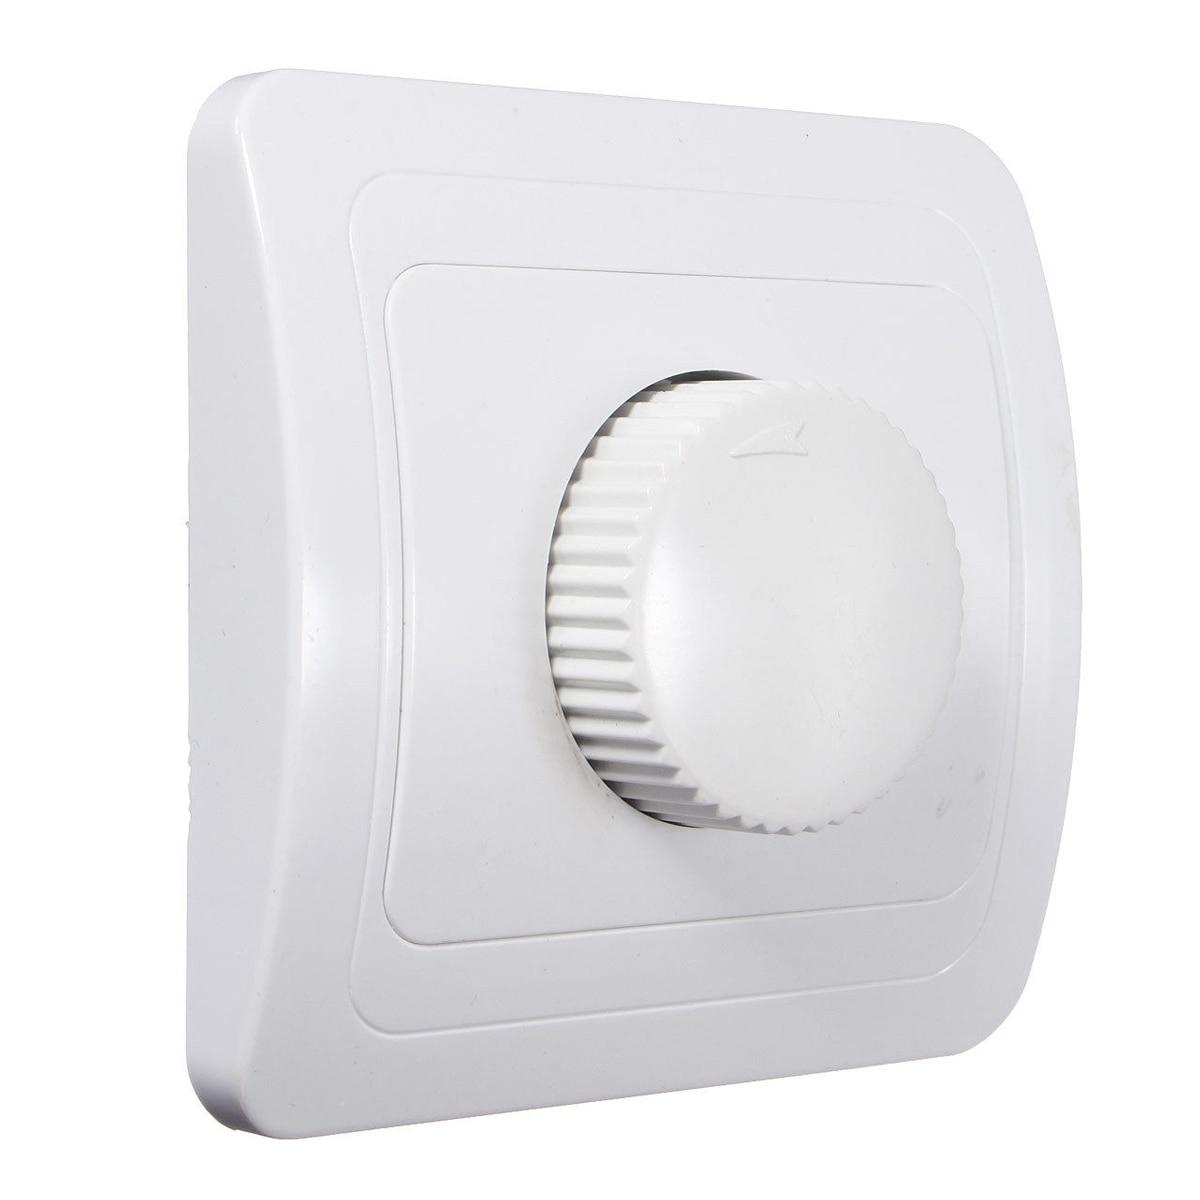 Licht & Beleuchtung 220 V/250 V Einstellbare Controller Dimmer Schalter Für Dimmbare Glühbirne Lampe Weiß Ein Unverzichtbares SouveräNes Heilmittel FüR Zuhause